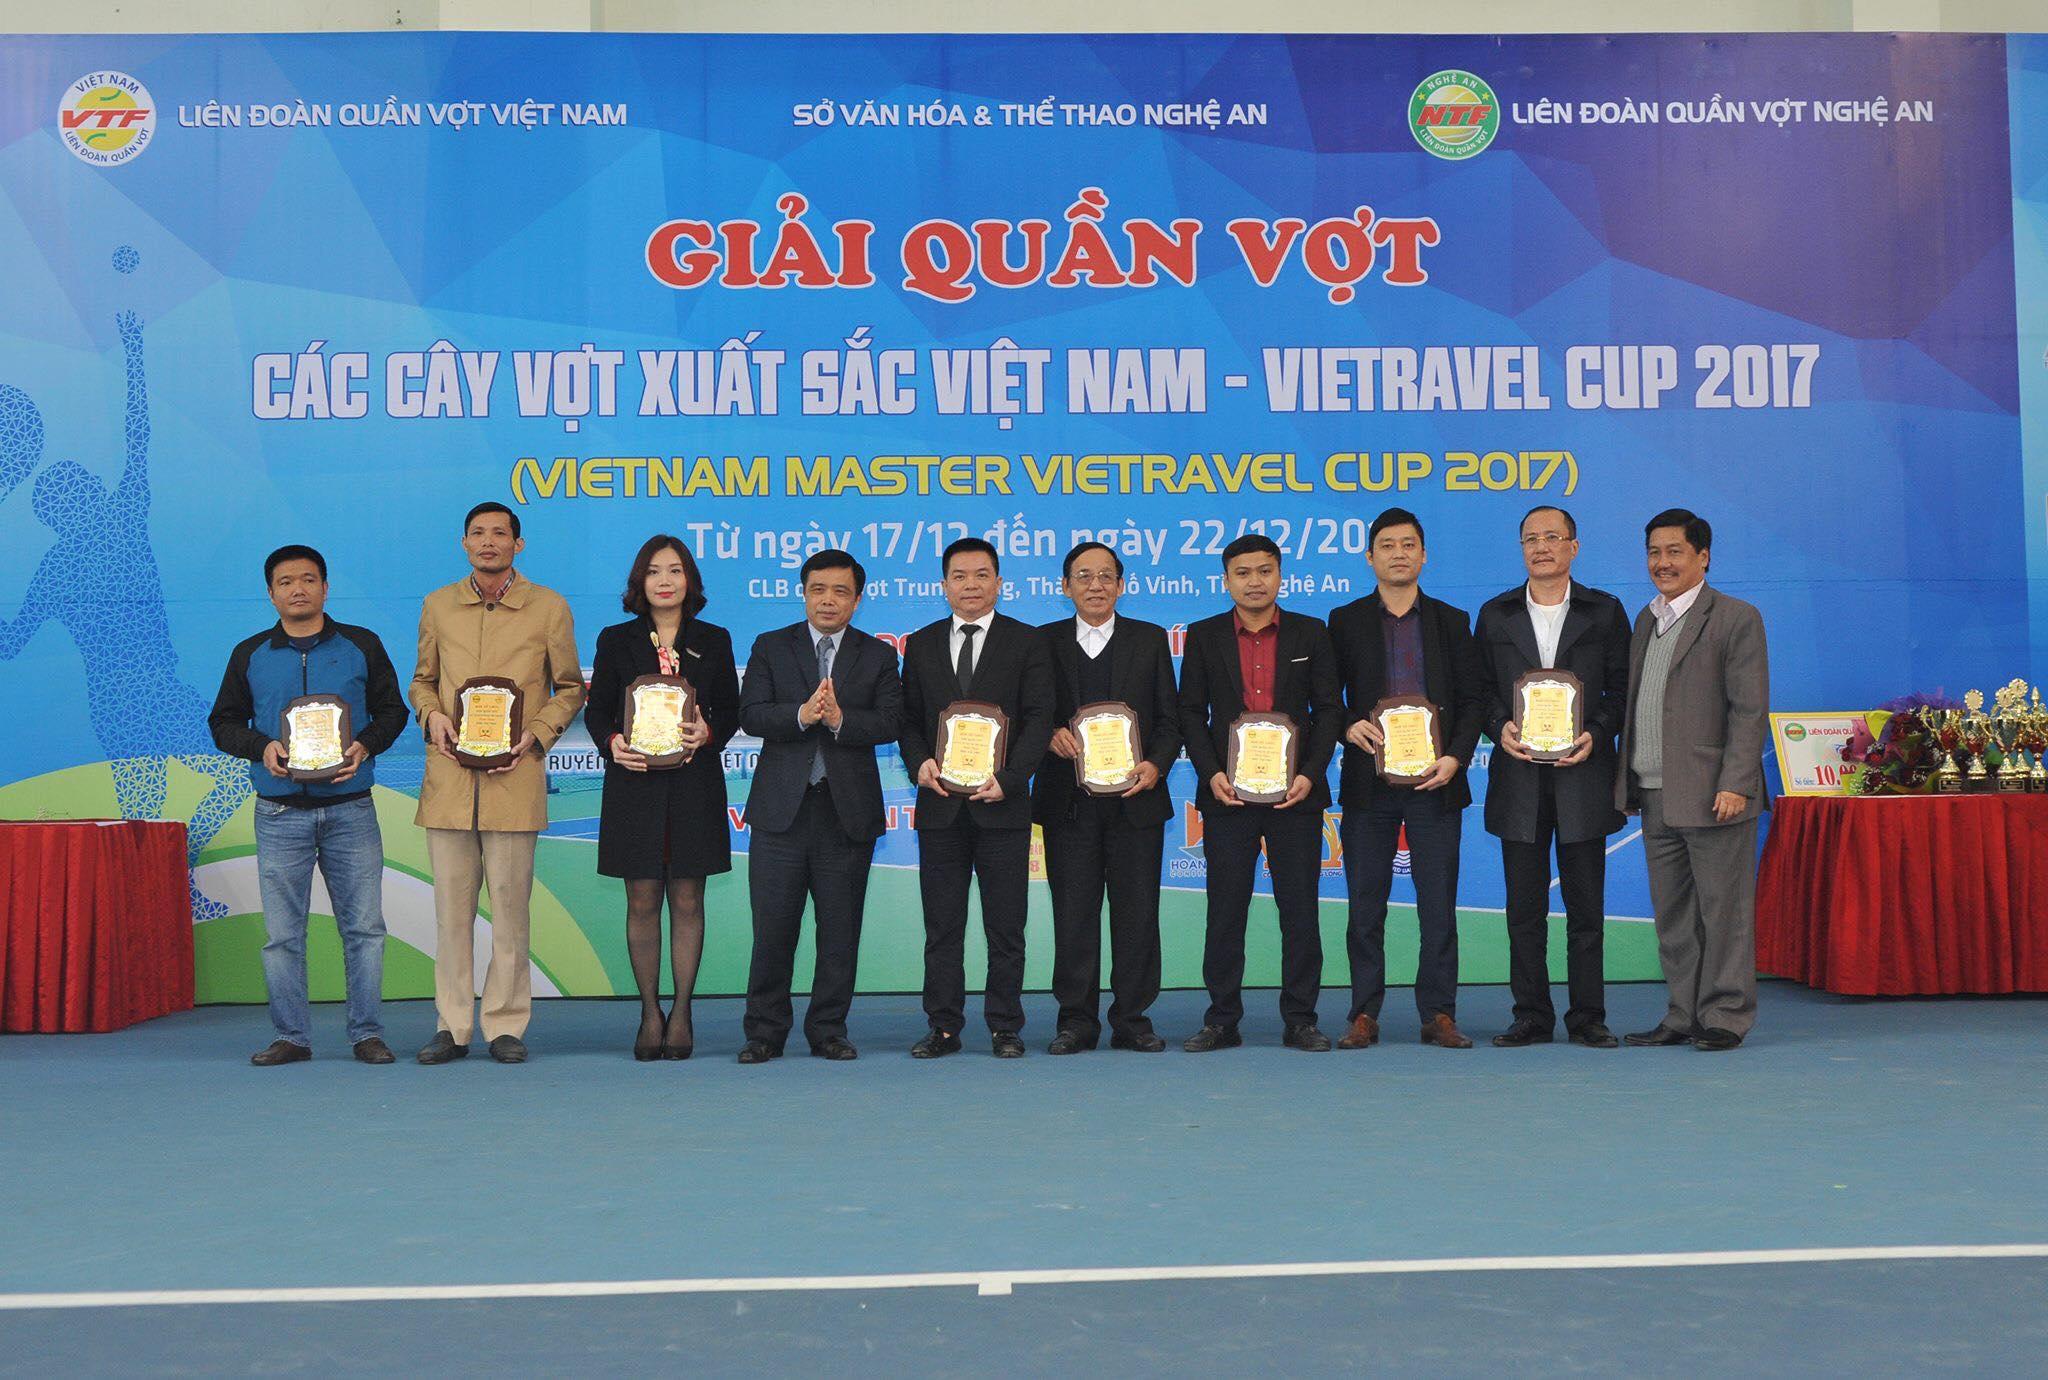 Khởi tranh giải quần vợt các Cây vợt xuất sắc Việt Nam - Cúp Vietravel 2017